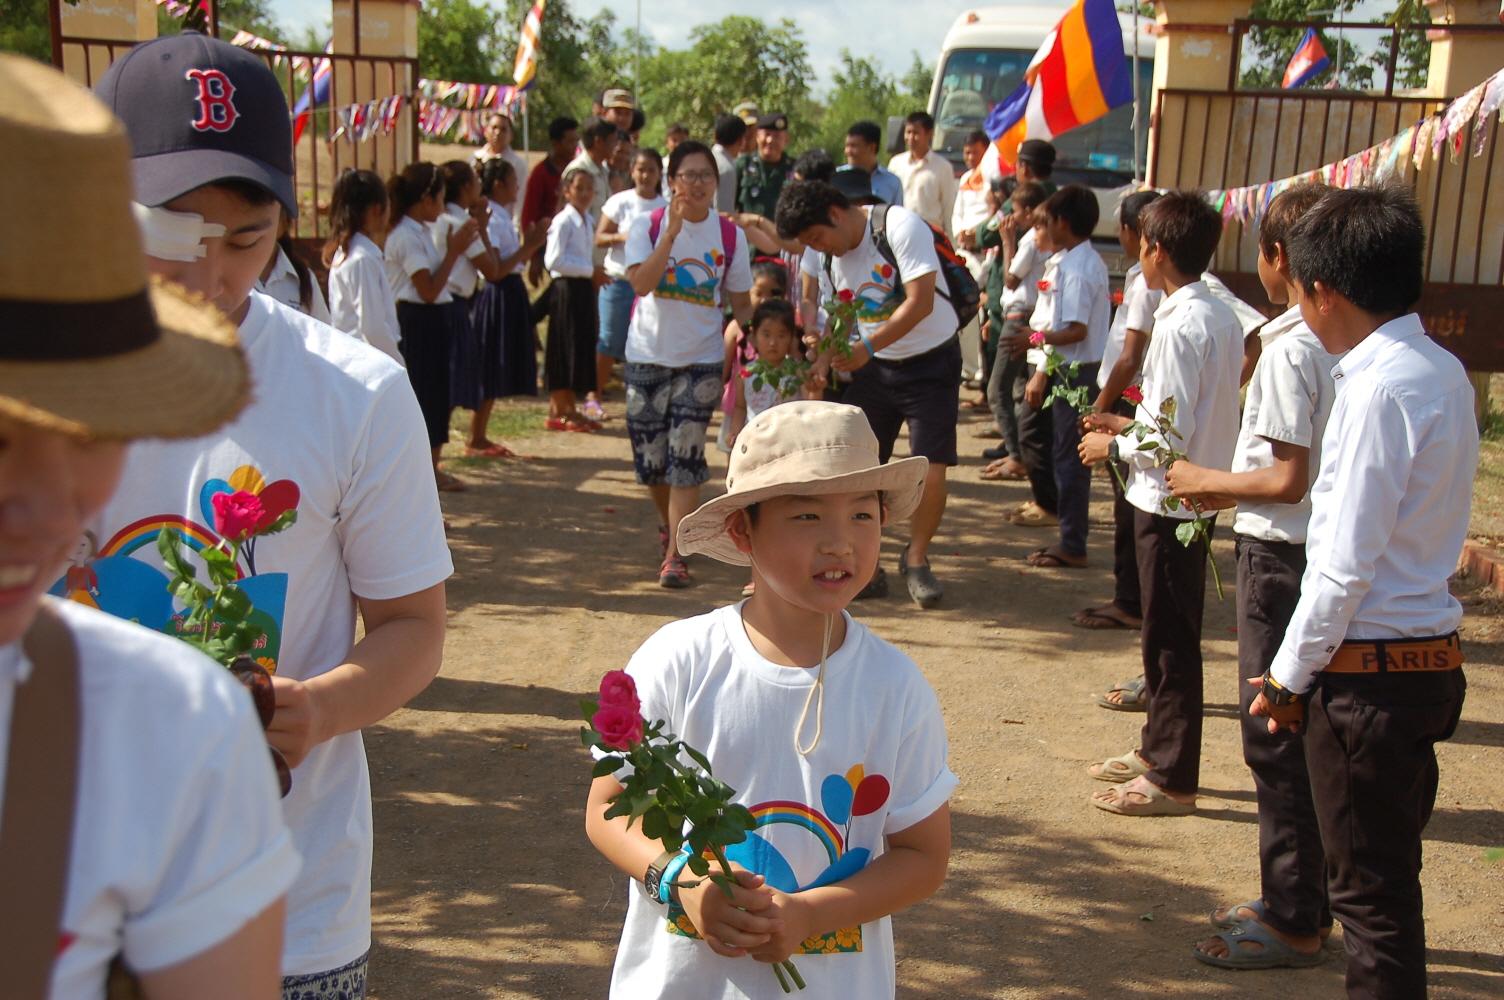 5. 캄보디아 어린이와 마을 주민들이 장미를 나눠주며 한국에서 온 친구들을 환영하고 있다..JPG